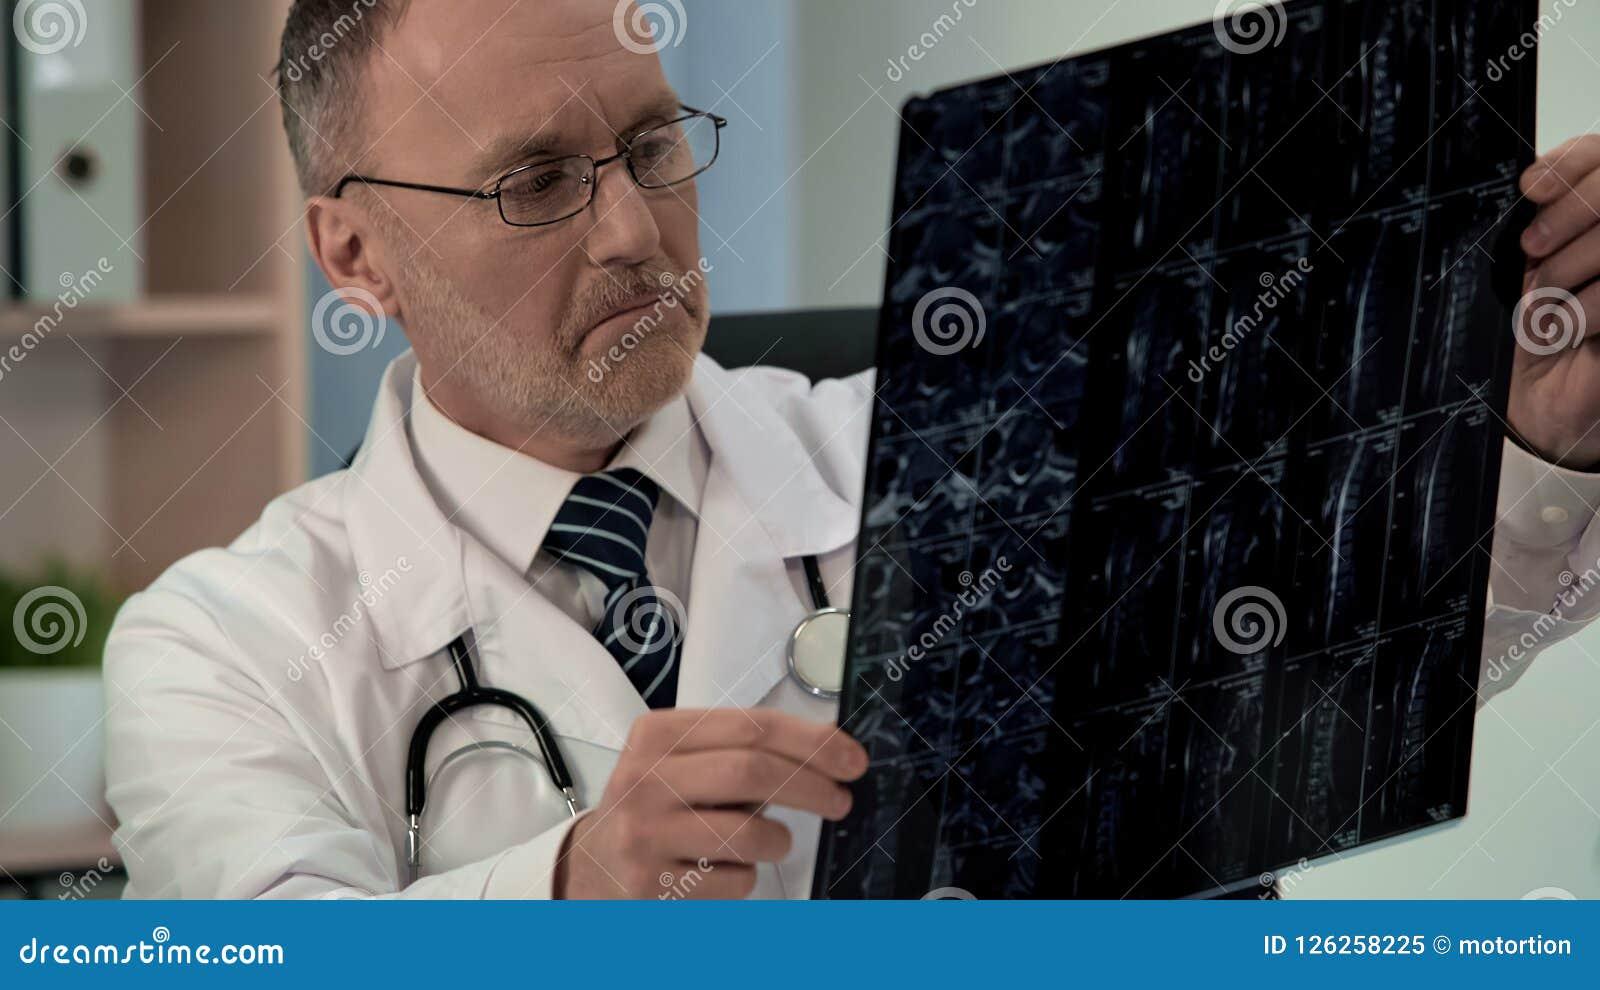 Medique o estudo do mri doente dos pacientes, achados danificam na vértebra cervical, diagnósticos